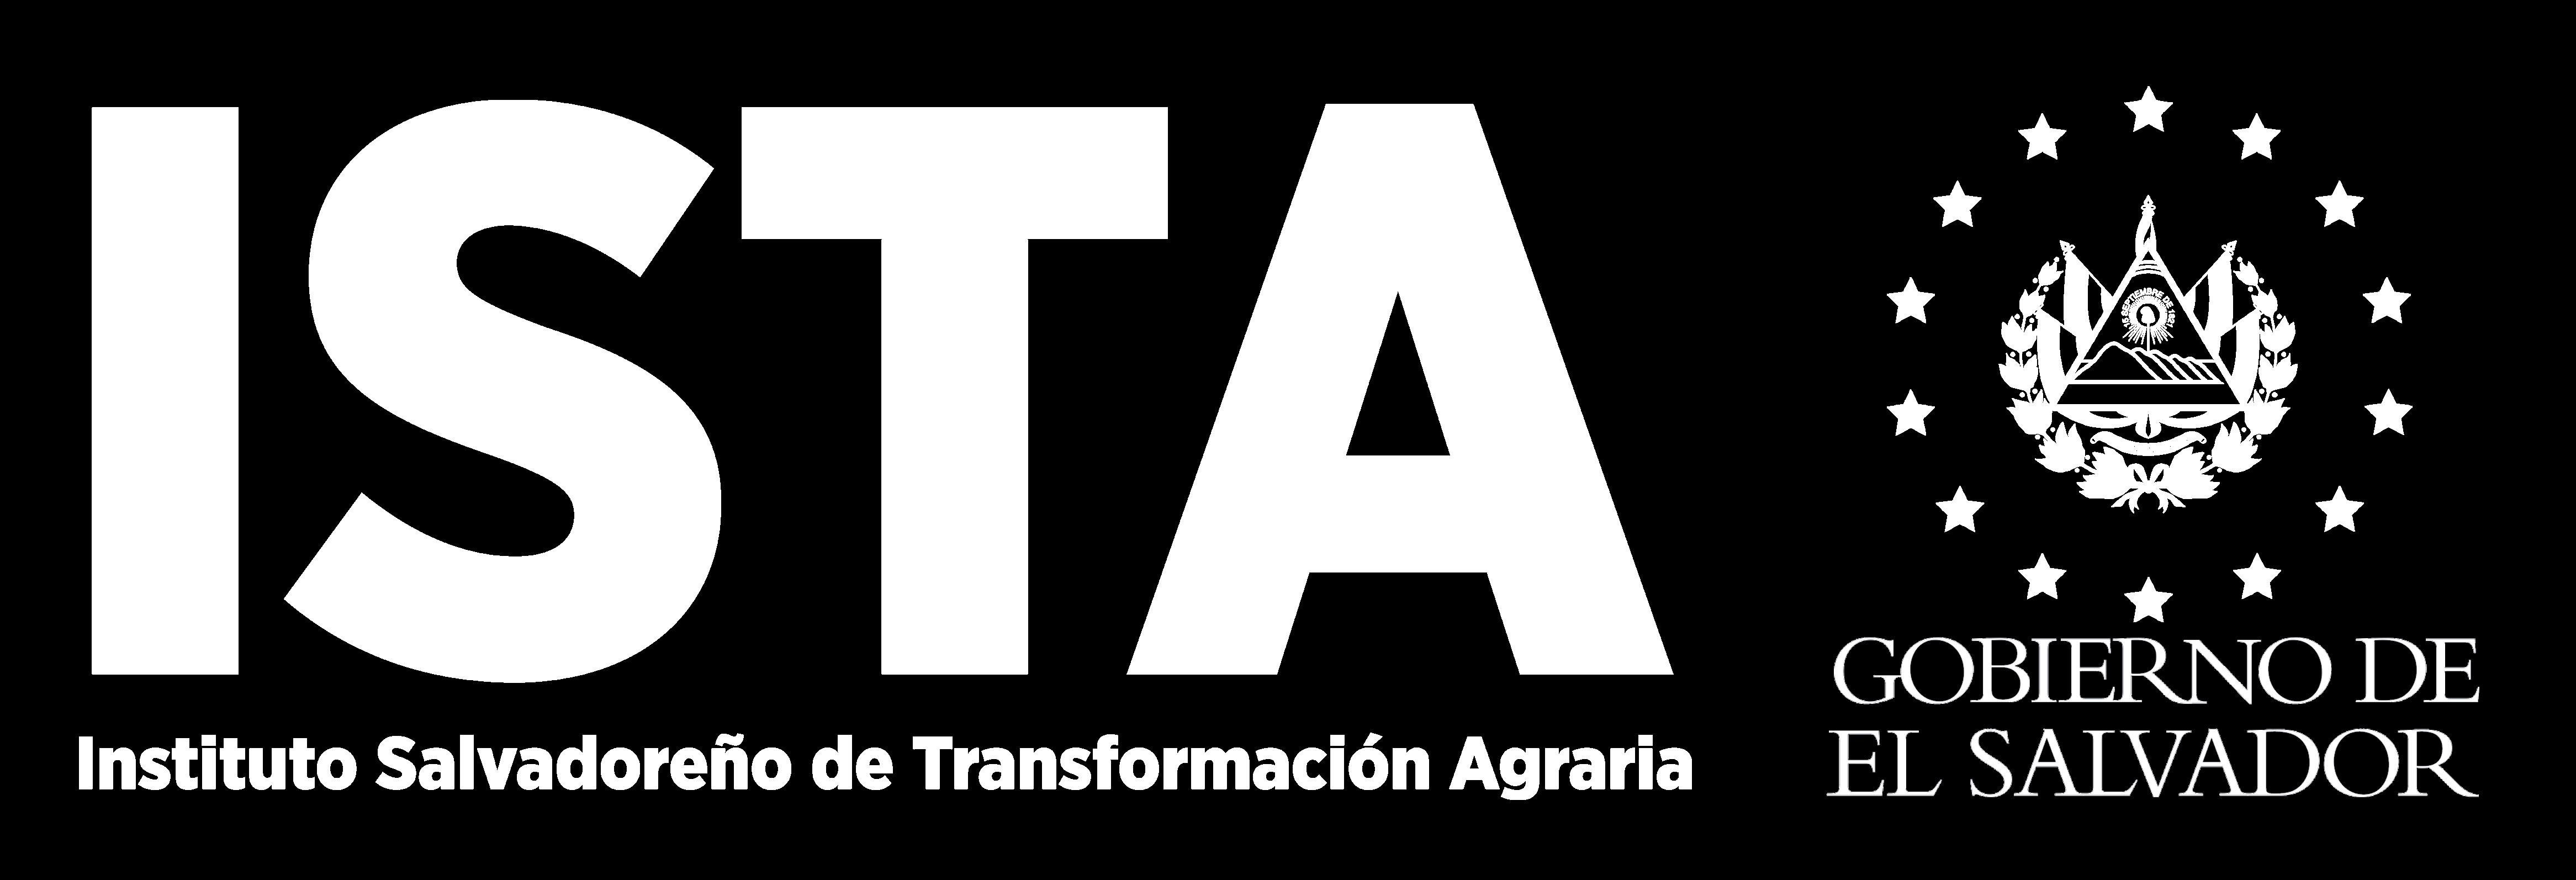 Instituto Salvadoreño de Transformación Agraria (ISTA)